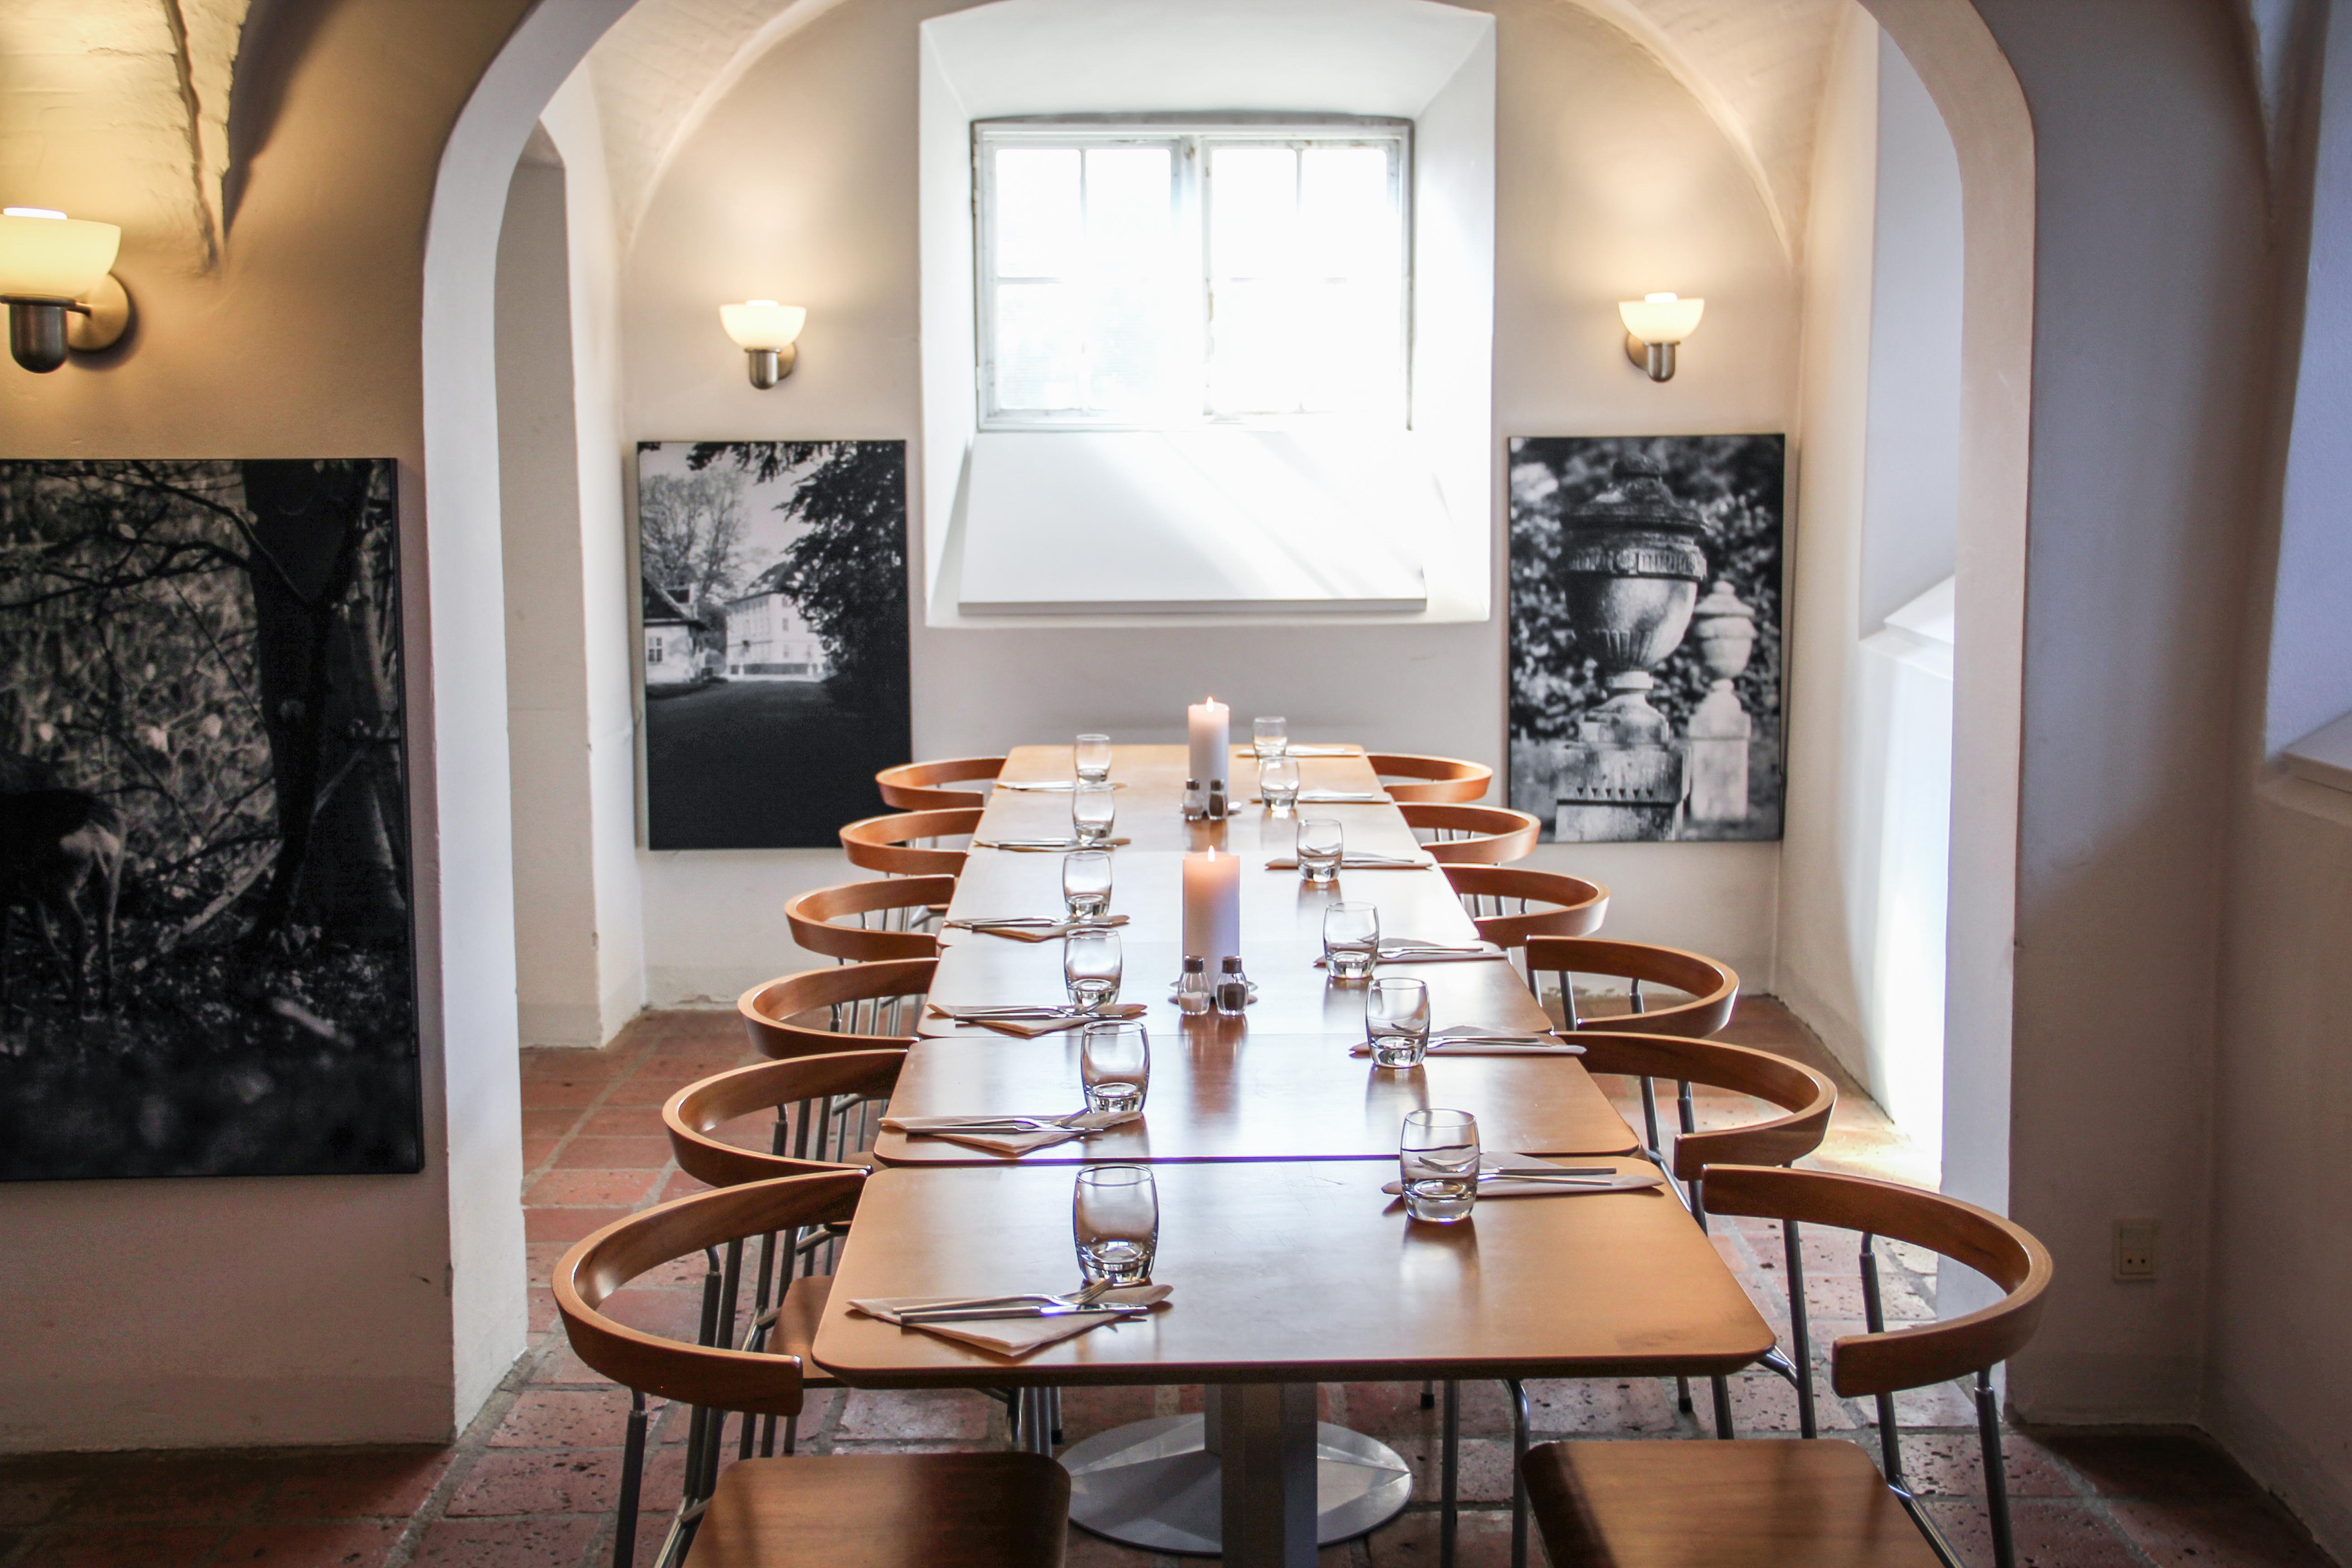 Spisekammeret kan rumme op til 50 mennesker - et stort mødelokale på Næsseslottet